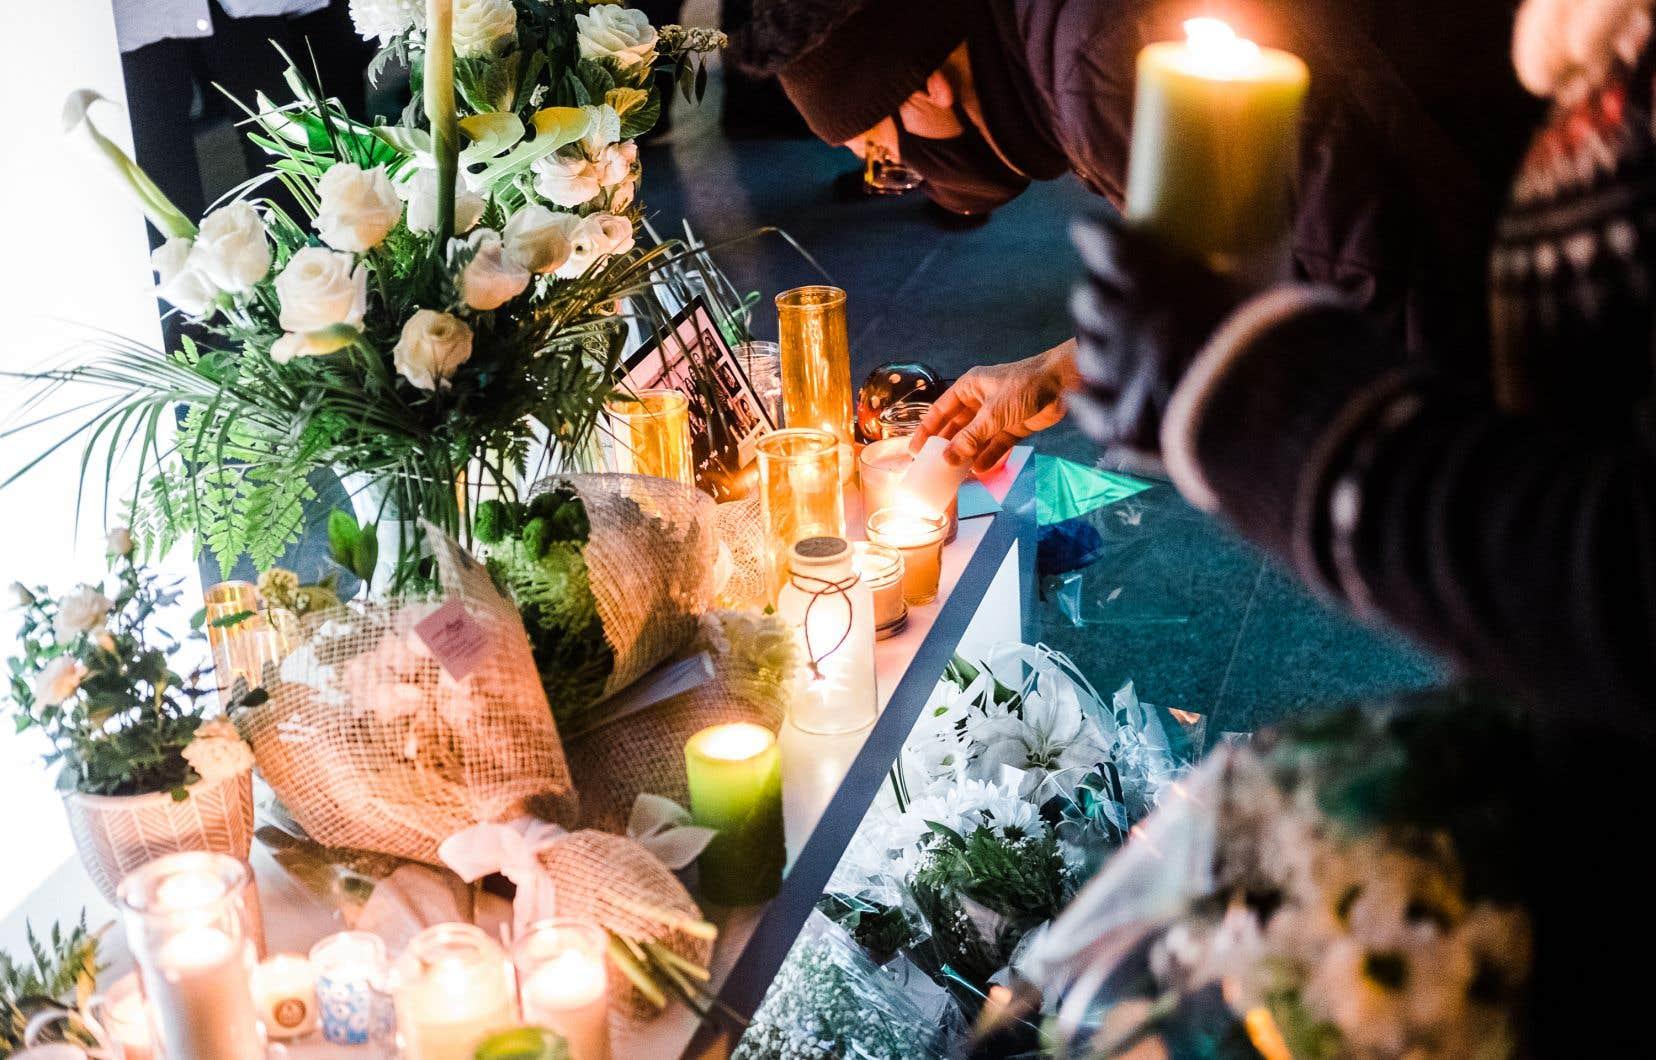 Moment de recueillement à la suite de l'attaque dans le Vieux-Québec, où deux passants ont trouvé la mort.